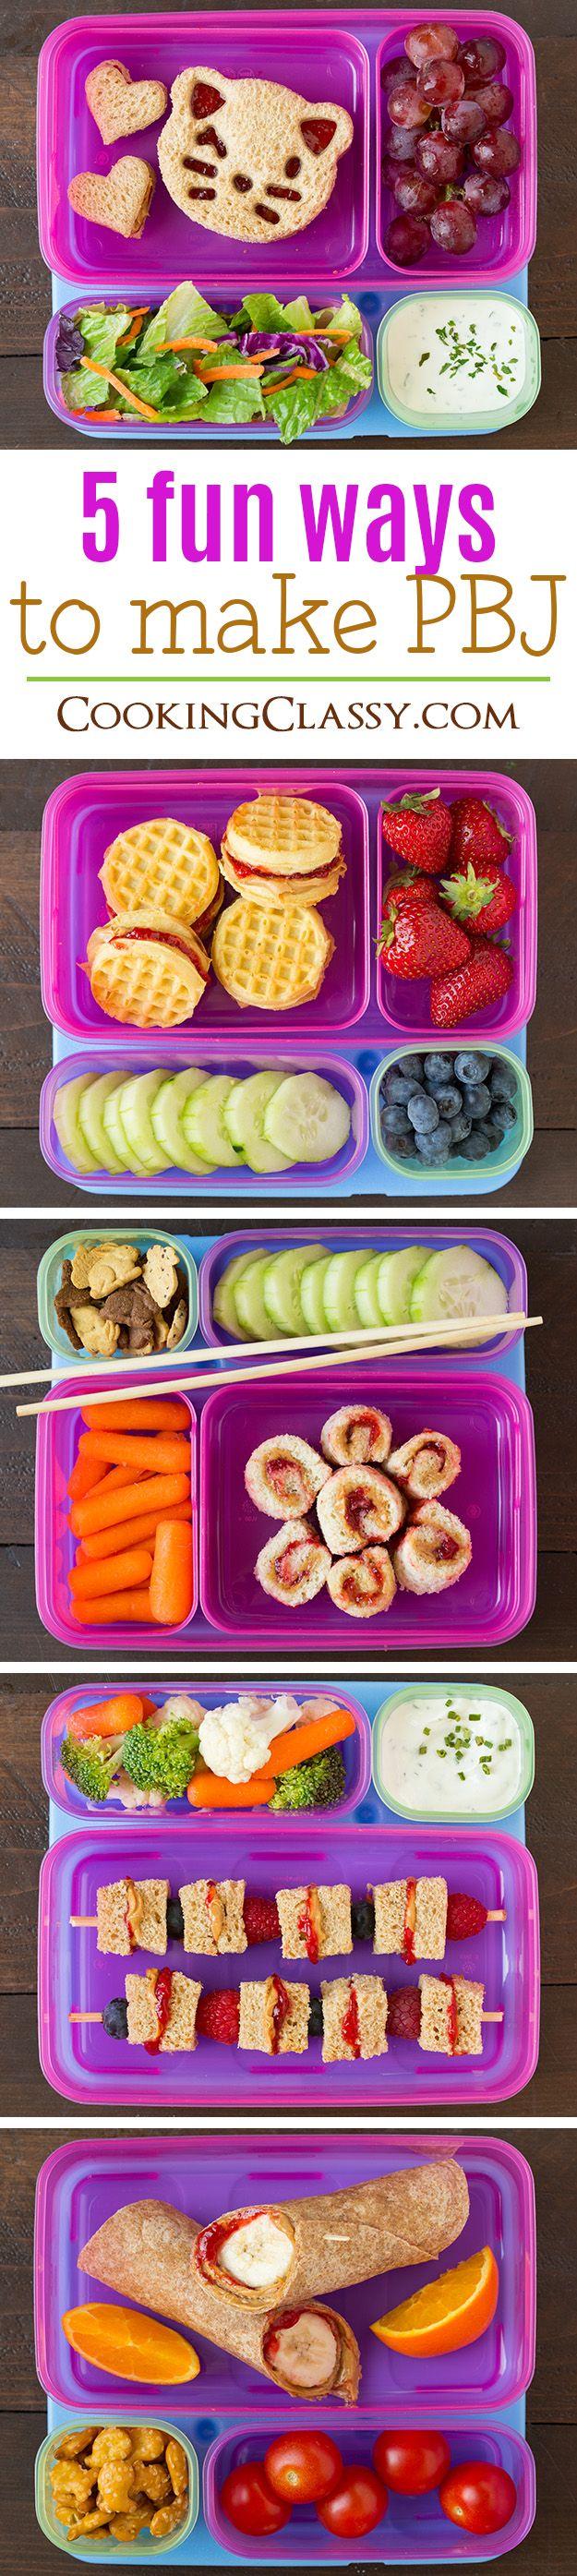 Vijf lekkere lunches! En ze zien er ook heel leuk uit.